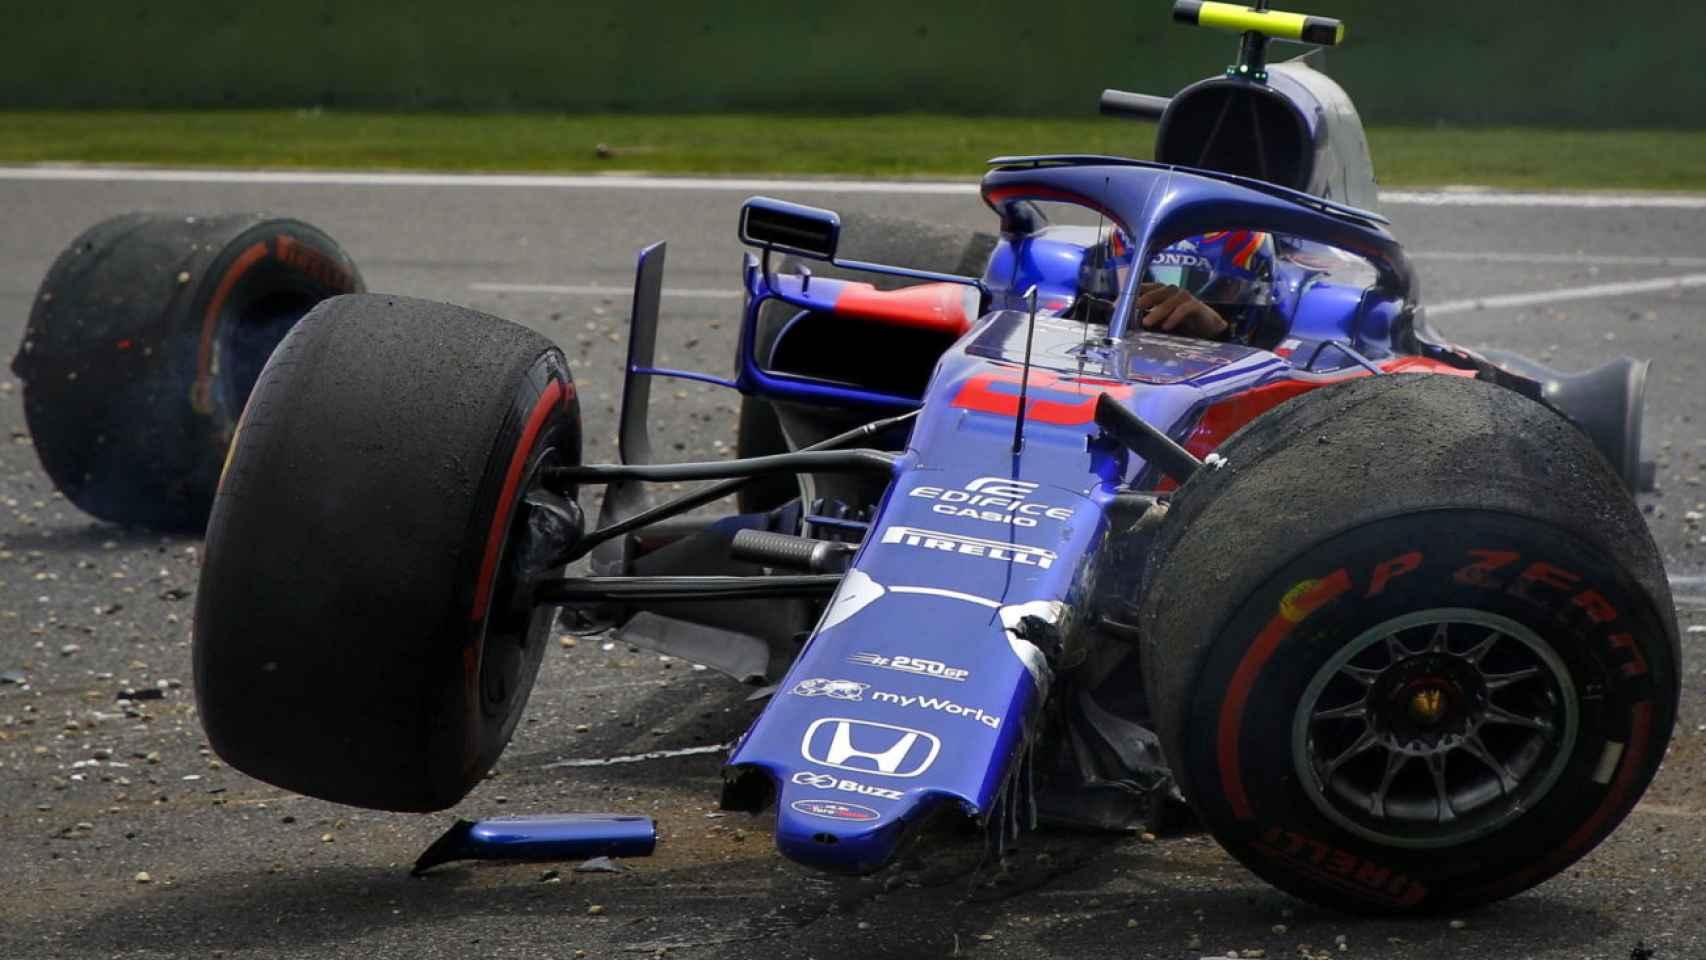 Las imágenes del terrible accidente de Alexander Albon en el GP de China